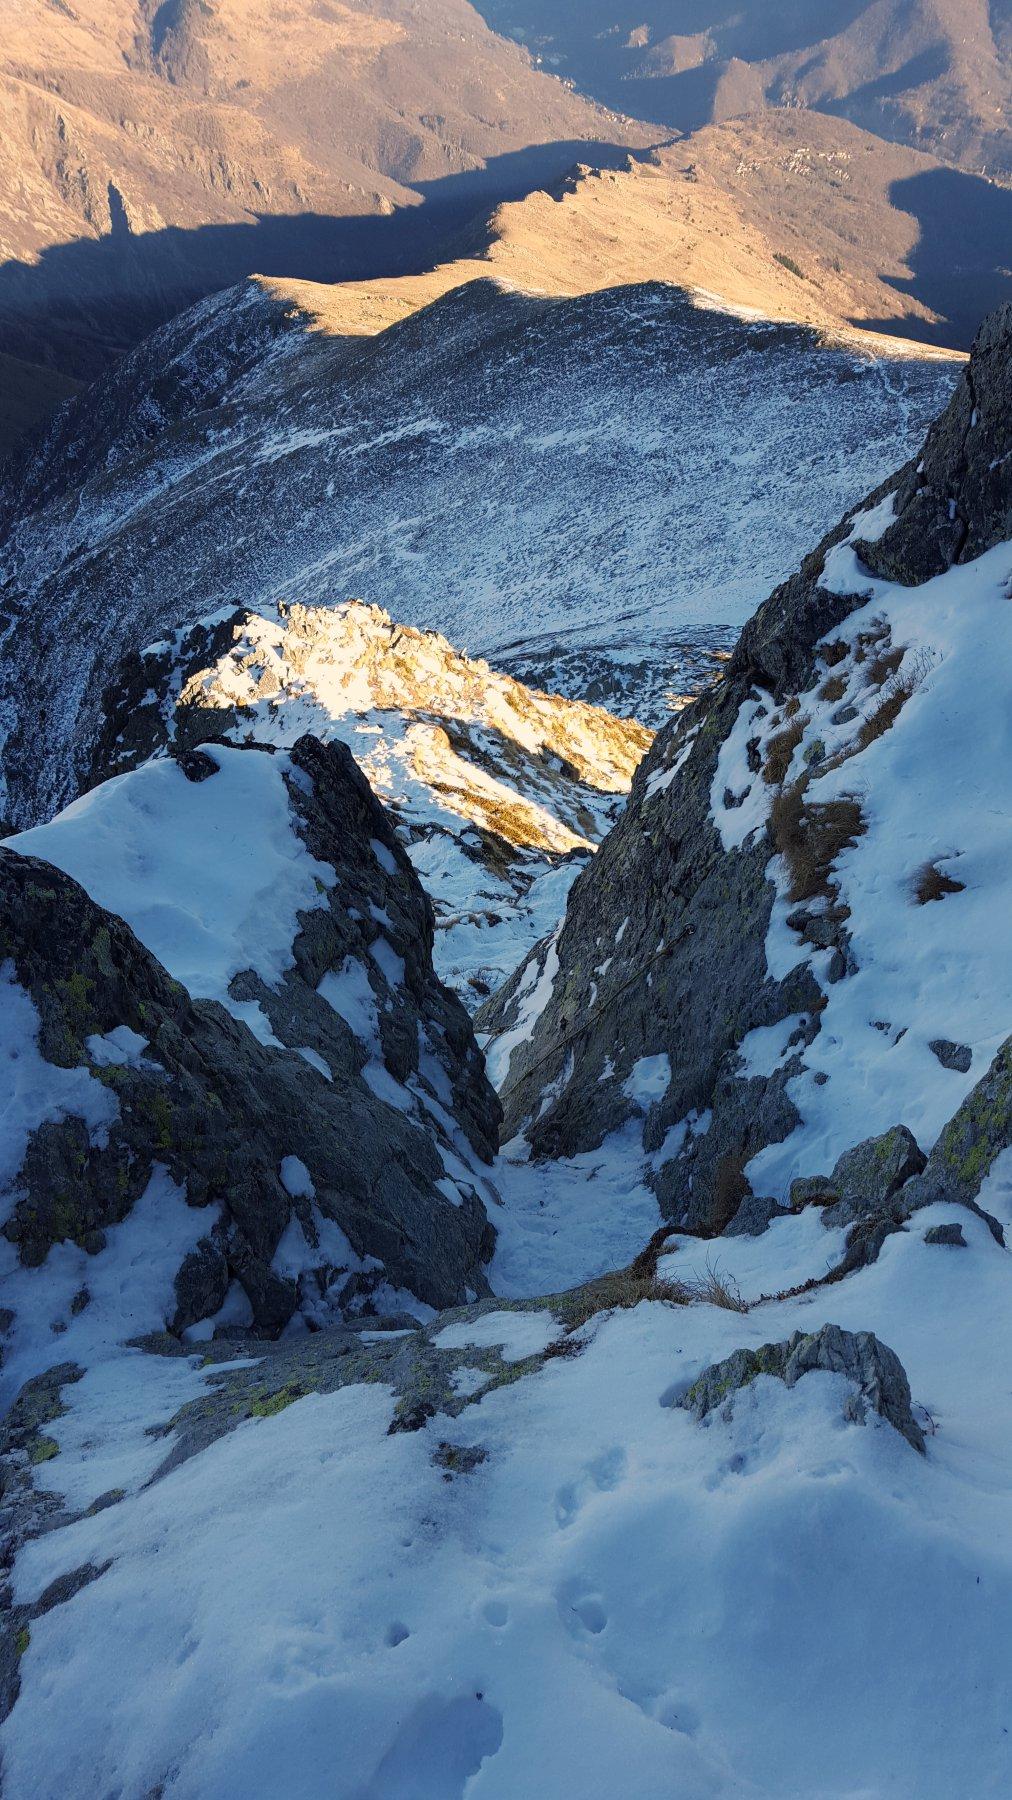 Il breve passaggio di arrampicata attrezzato con corda